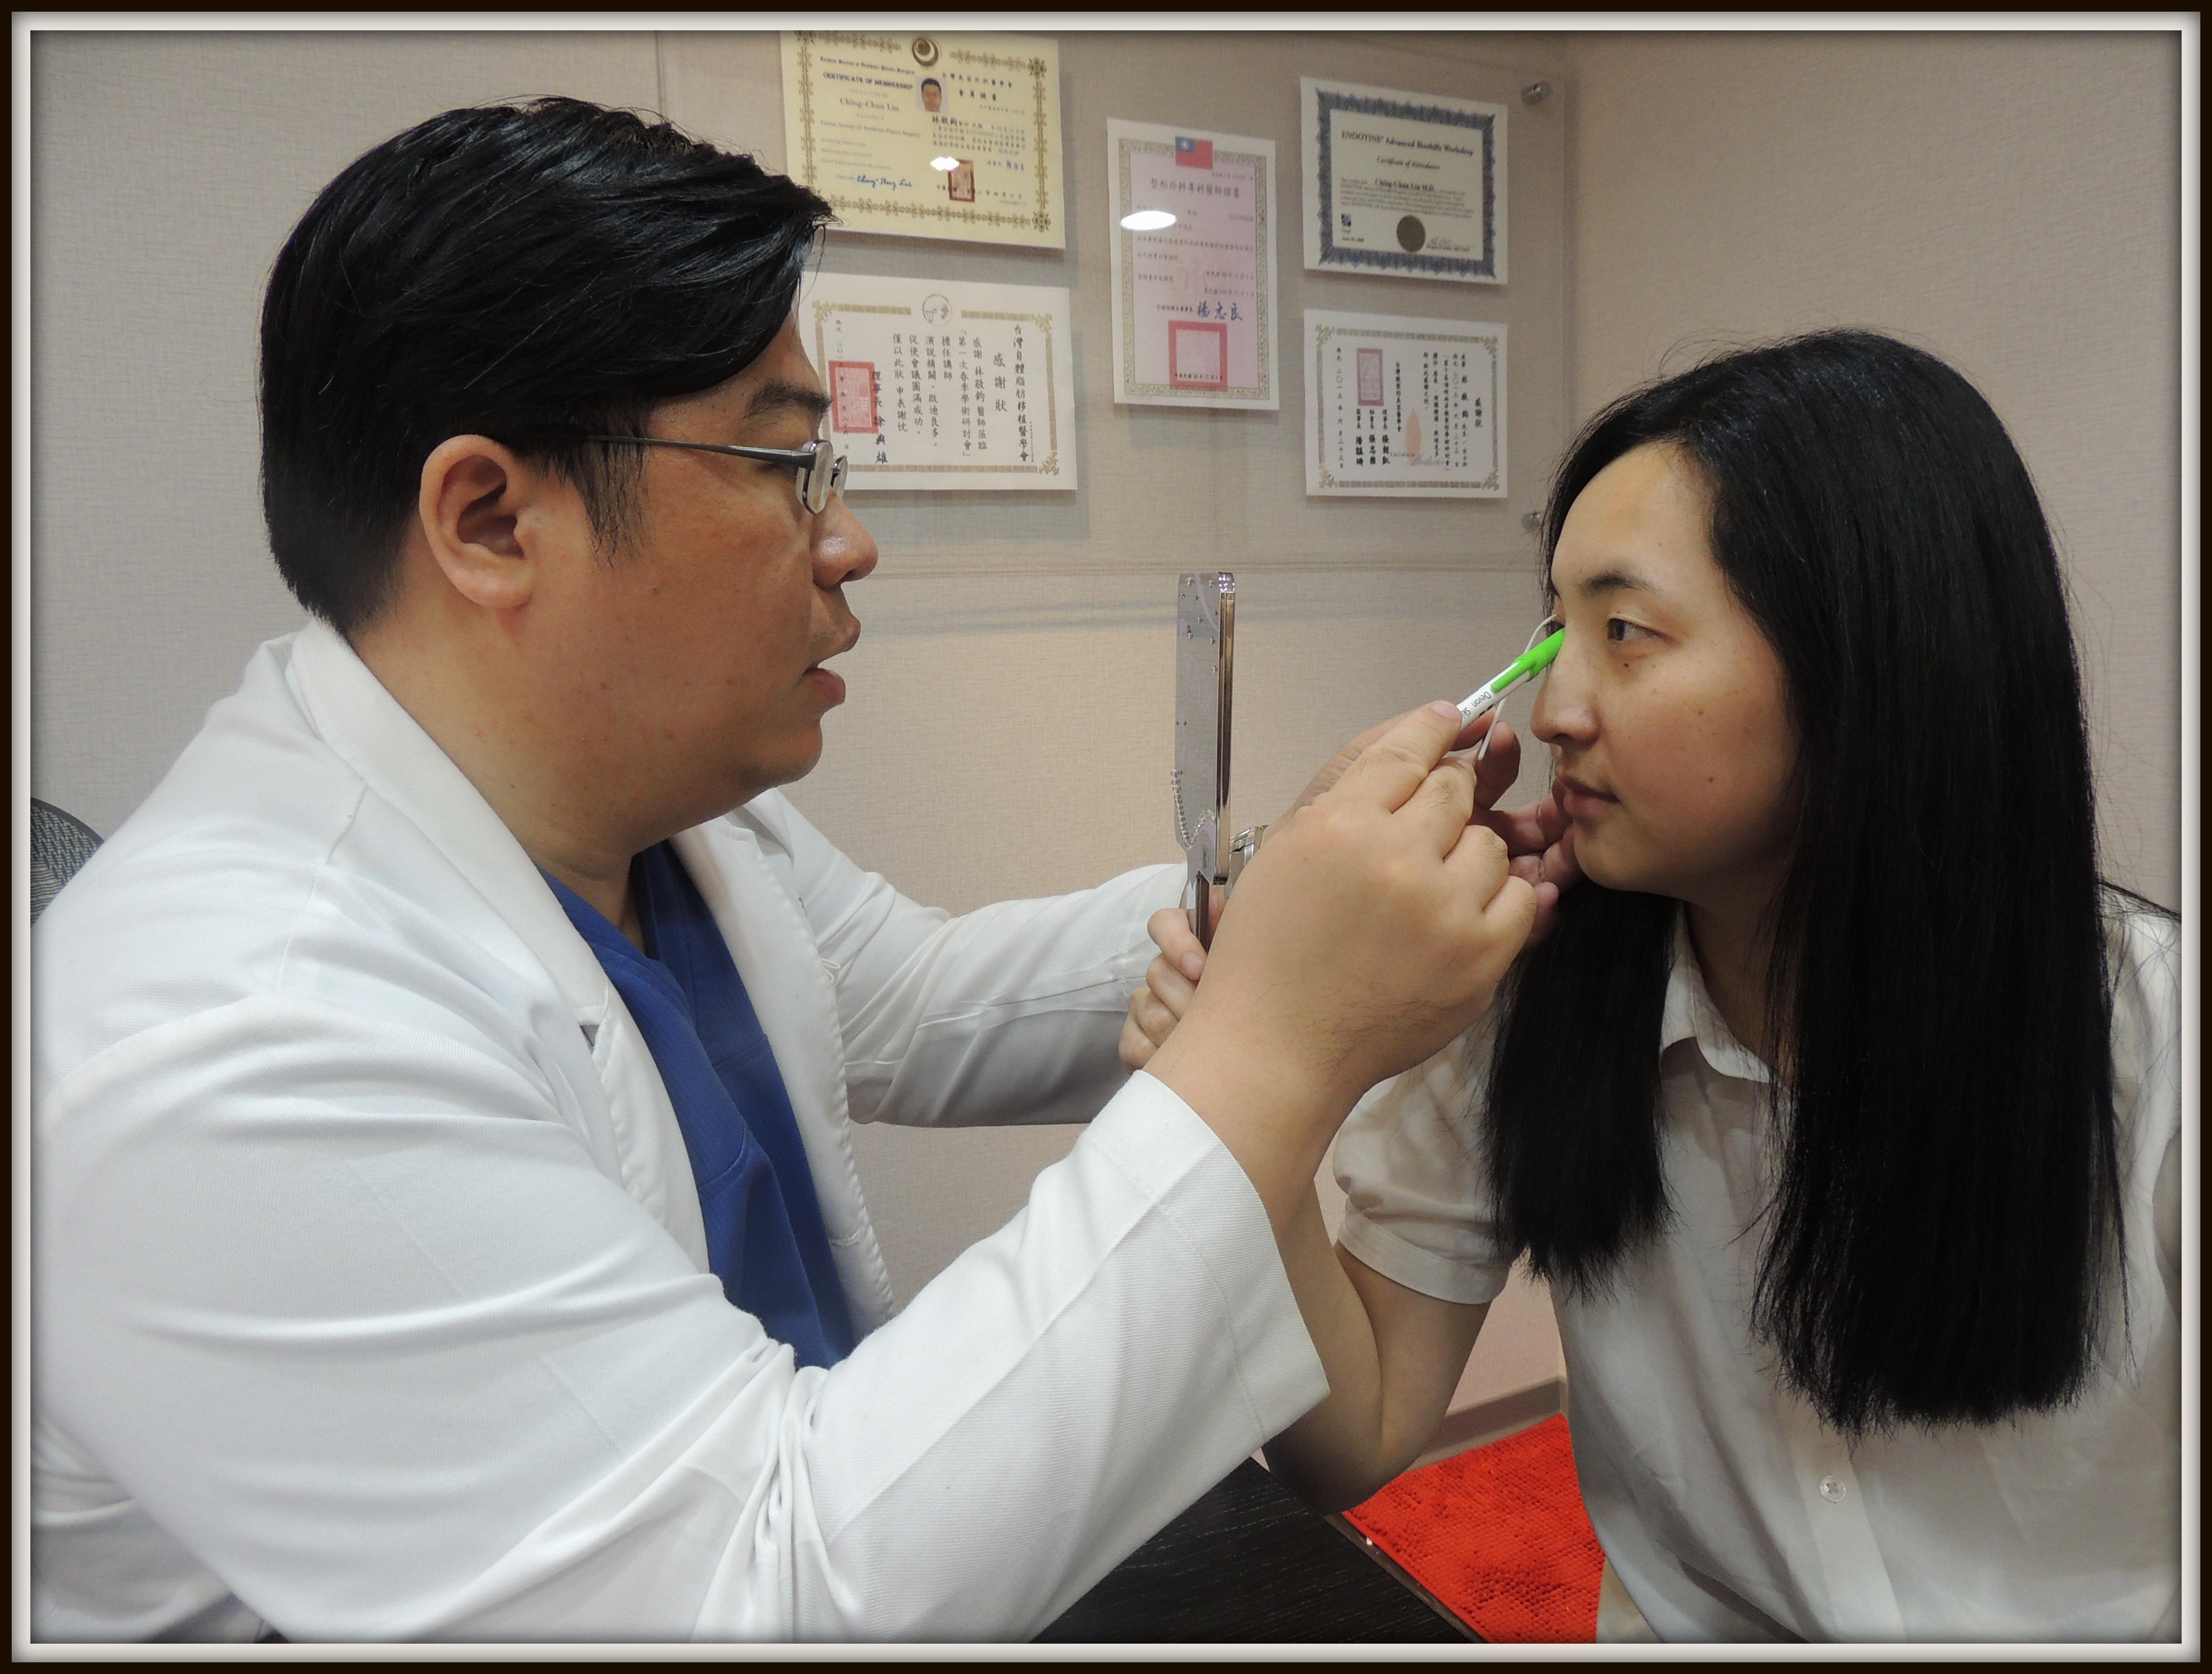 林敬鈞醫師進行雙眼皮手術模擬與術前諮詢.